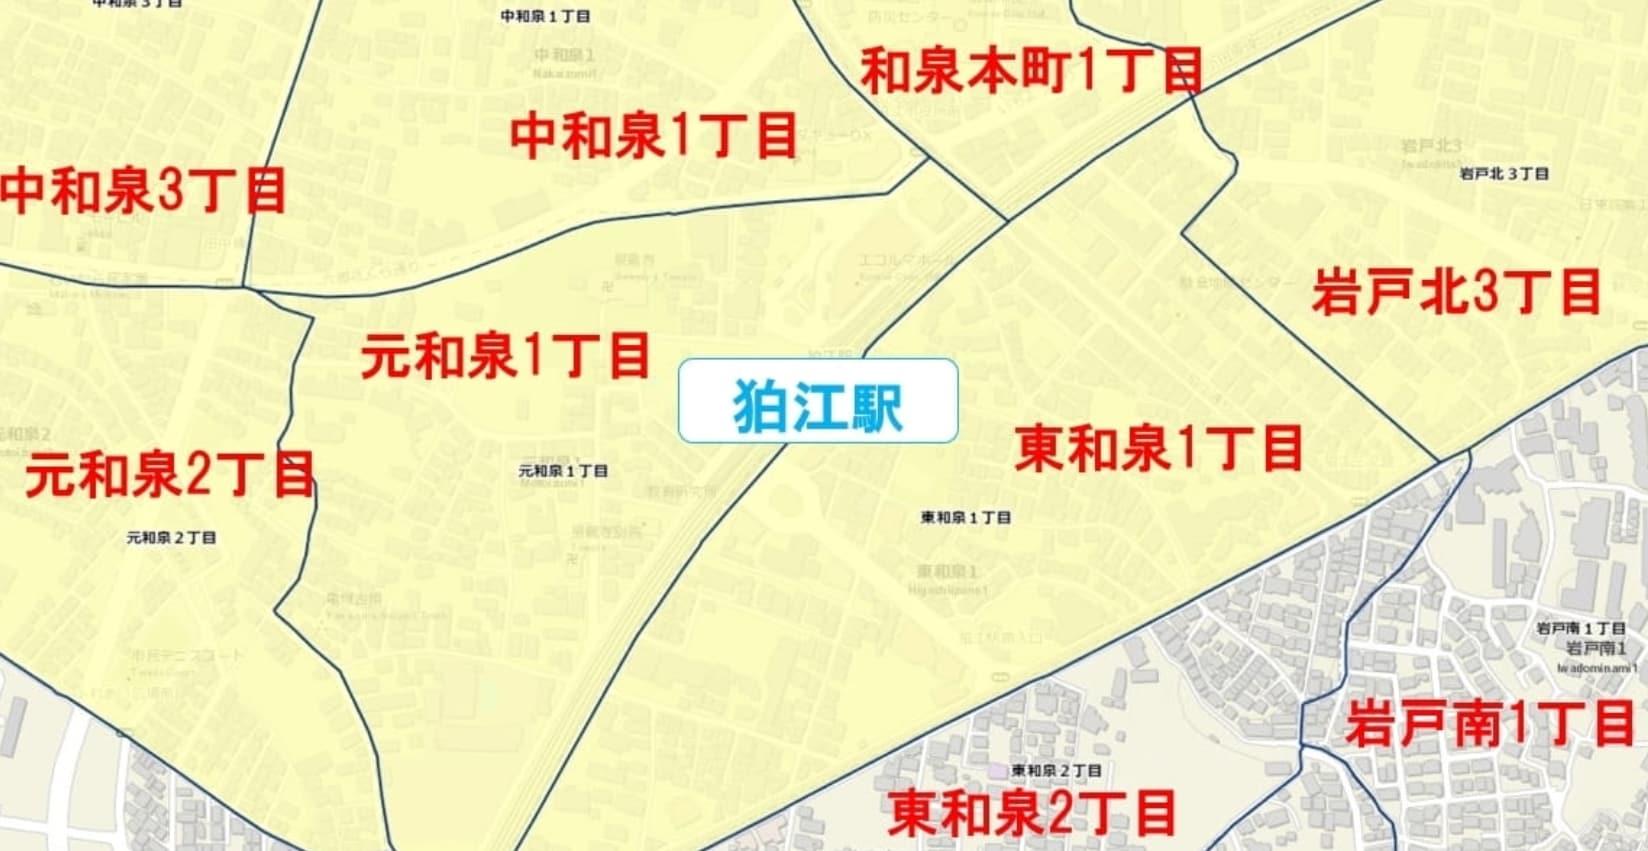 狛江駅周辺の粗暴犯の犯罪件数マップ